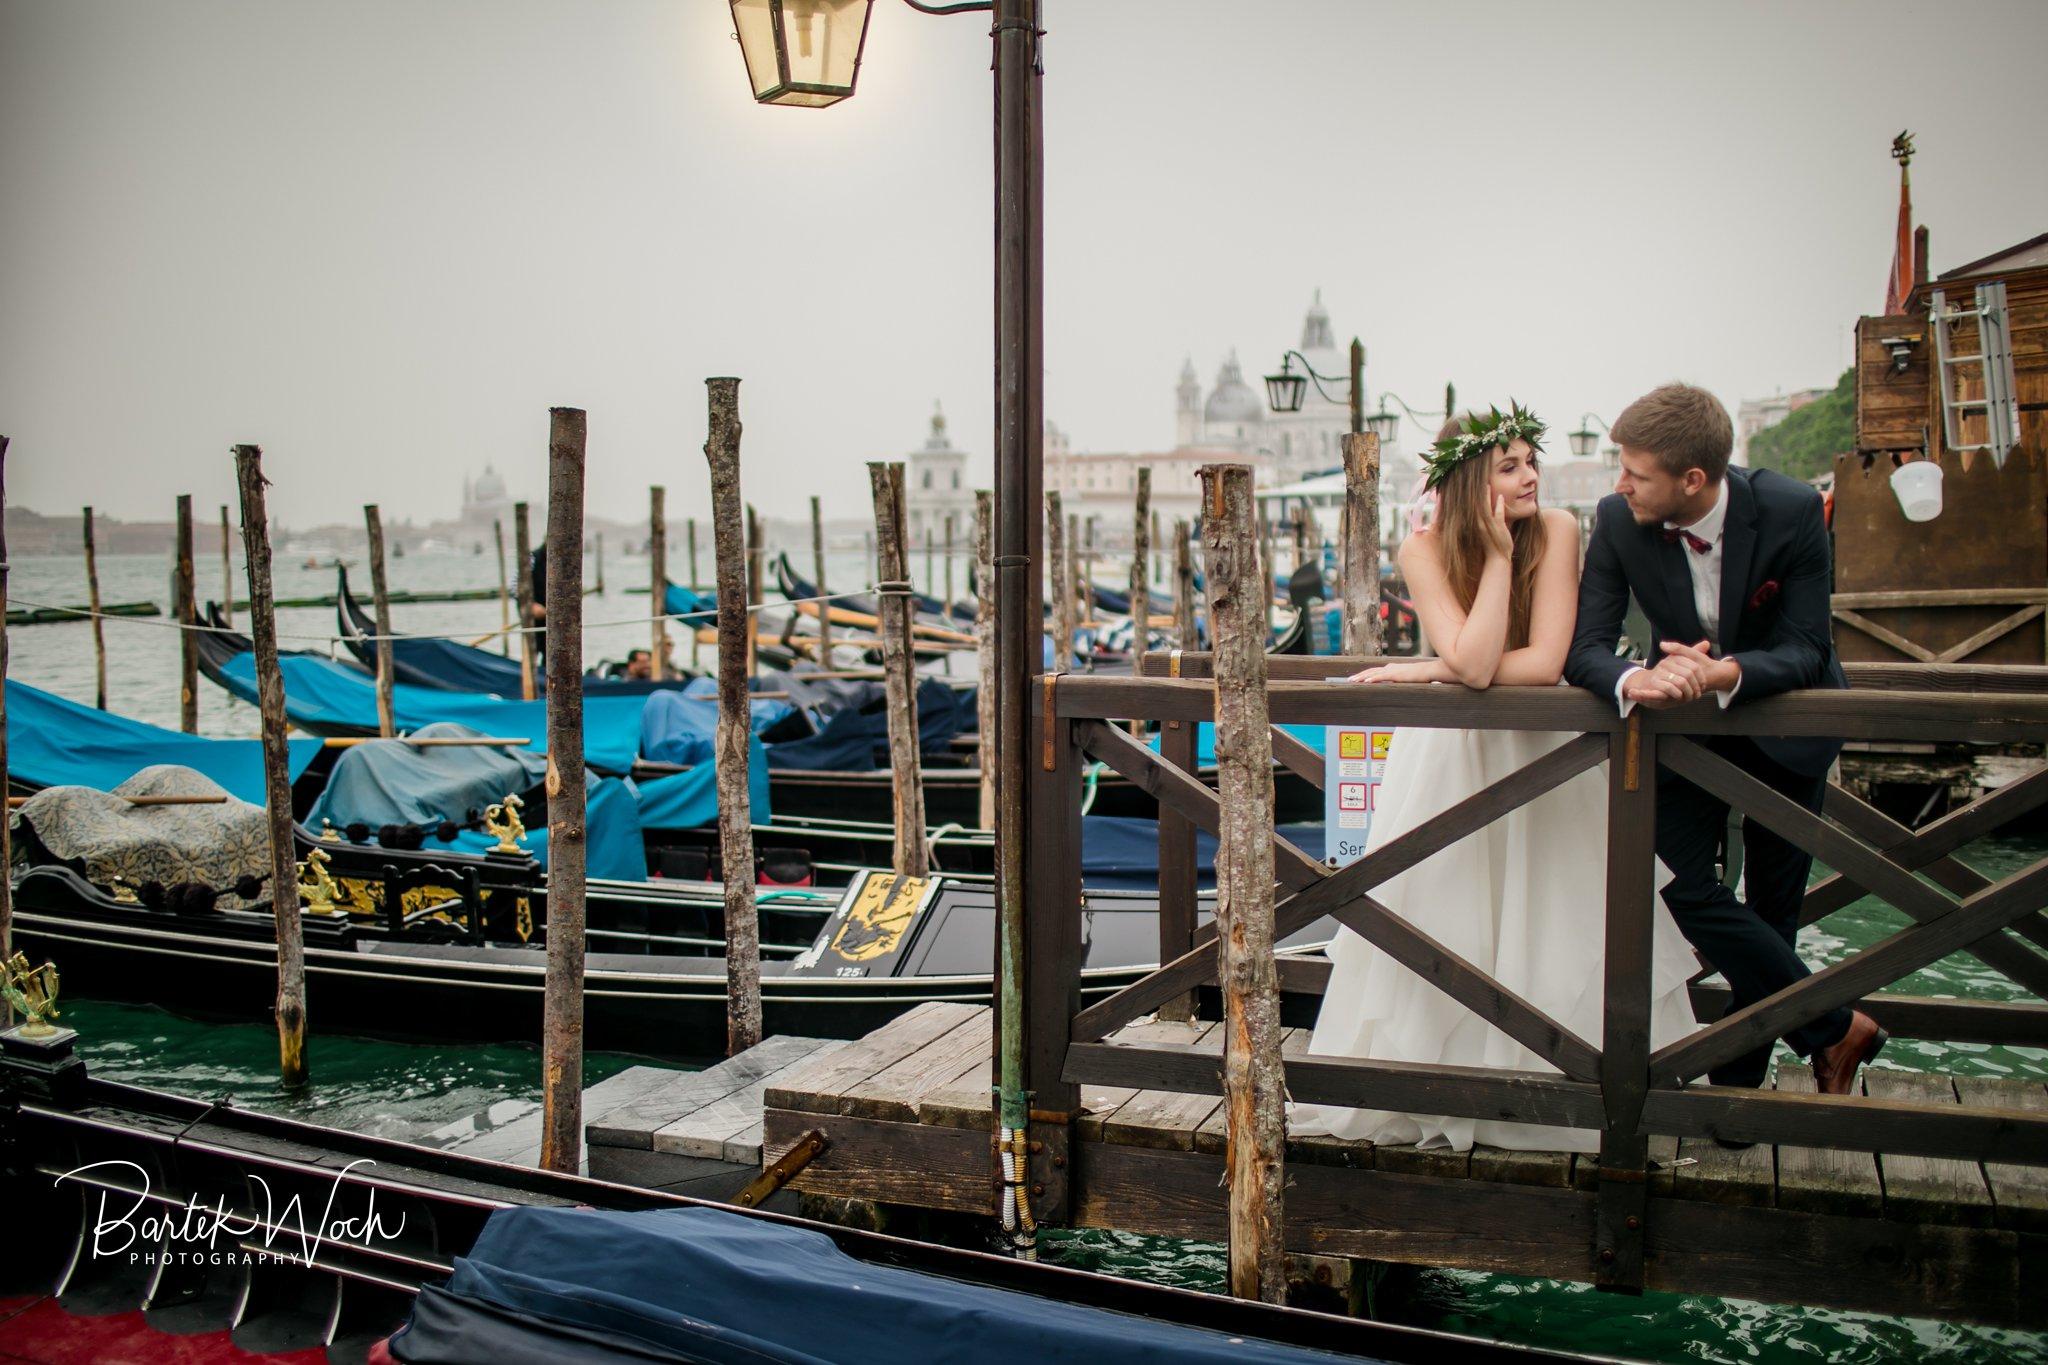 fotografia ślubna, ślub, wesele, slub, zabawa, wedding, party, 0204 Patrycja+Dawid i sesja portretowa w Wenecji